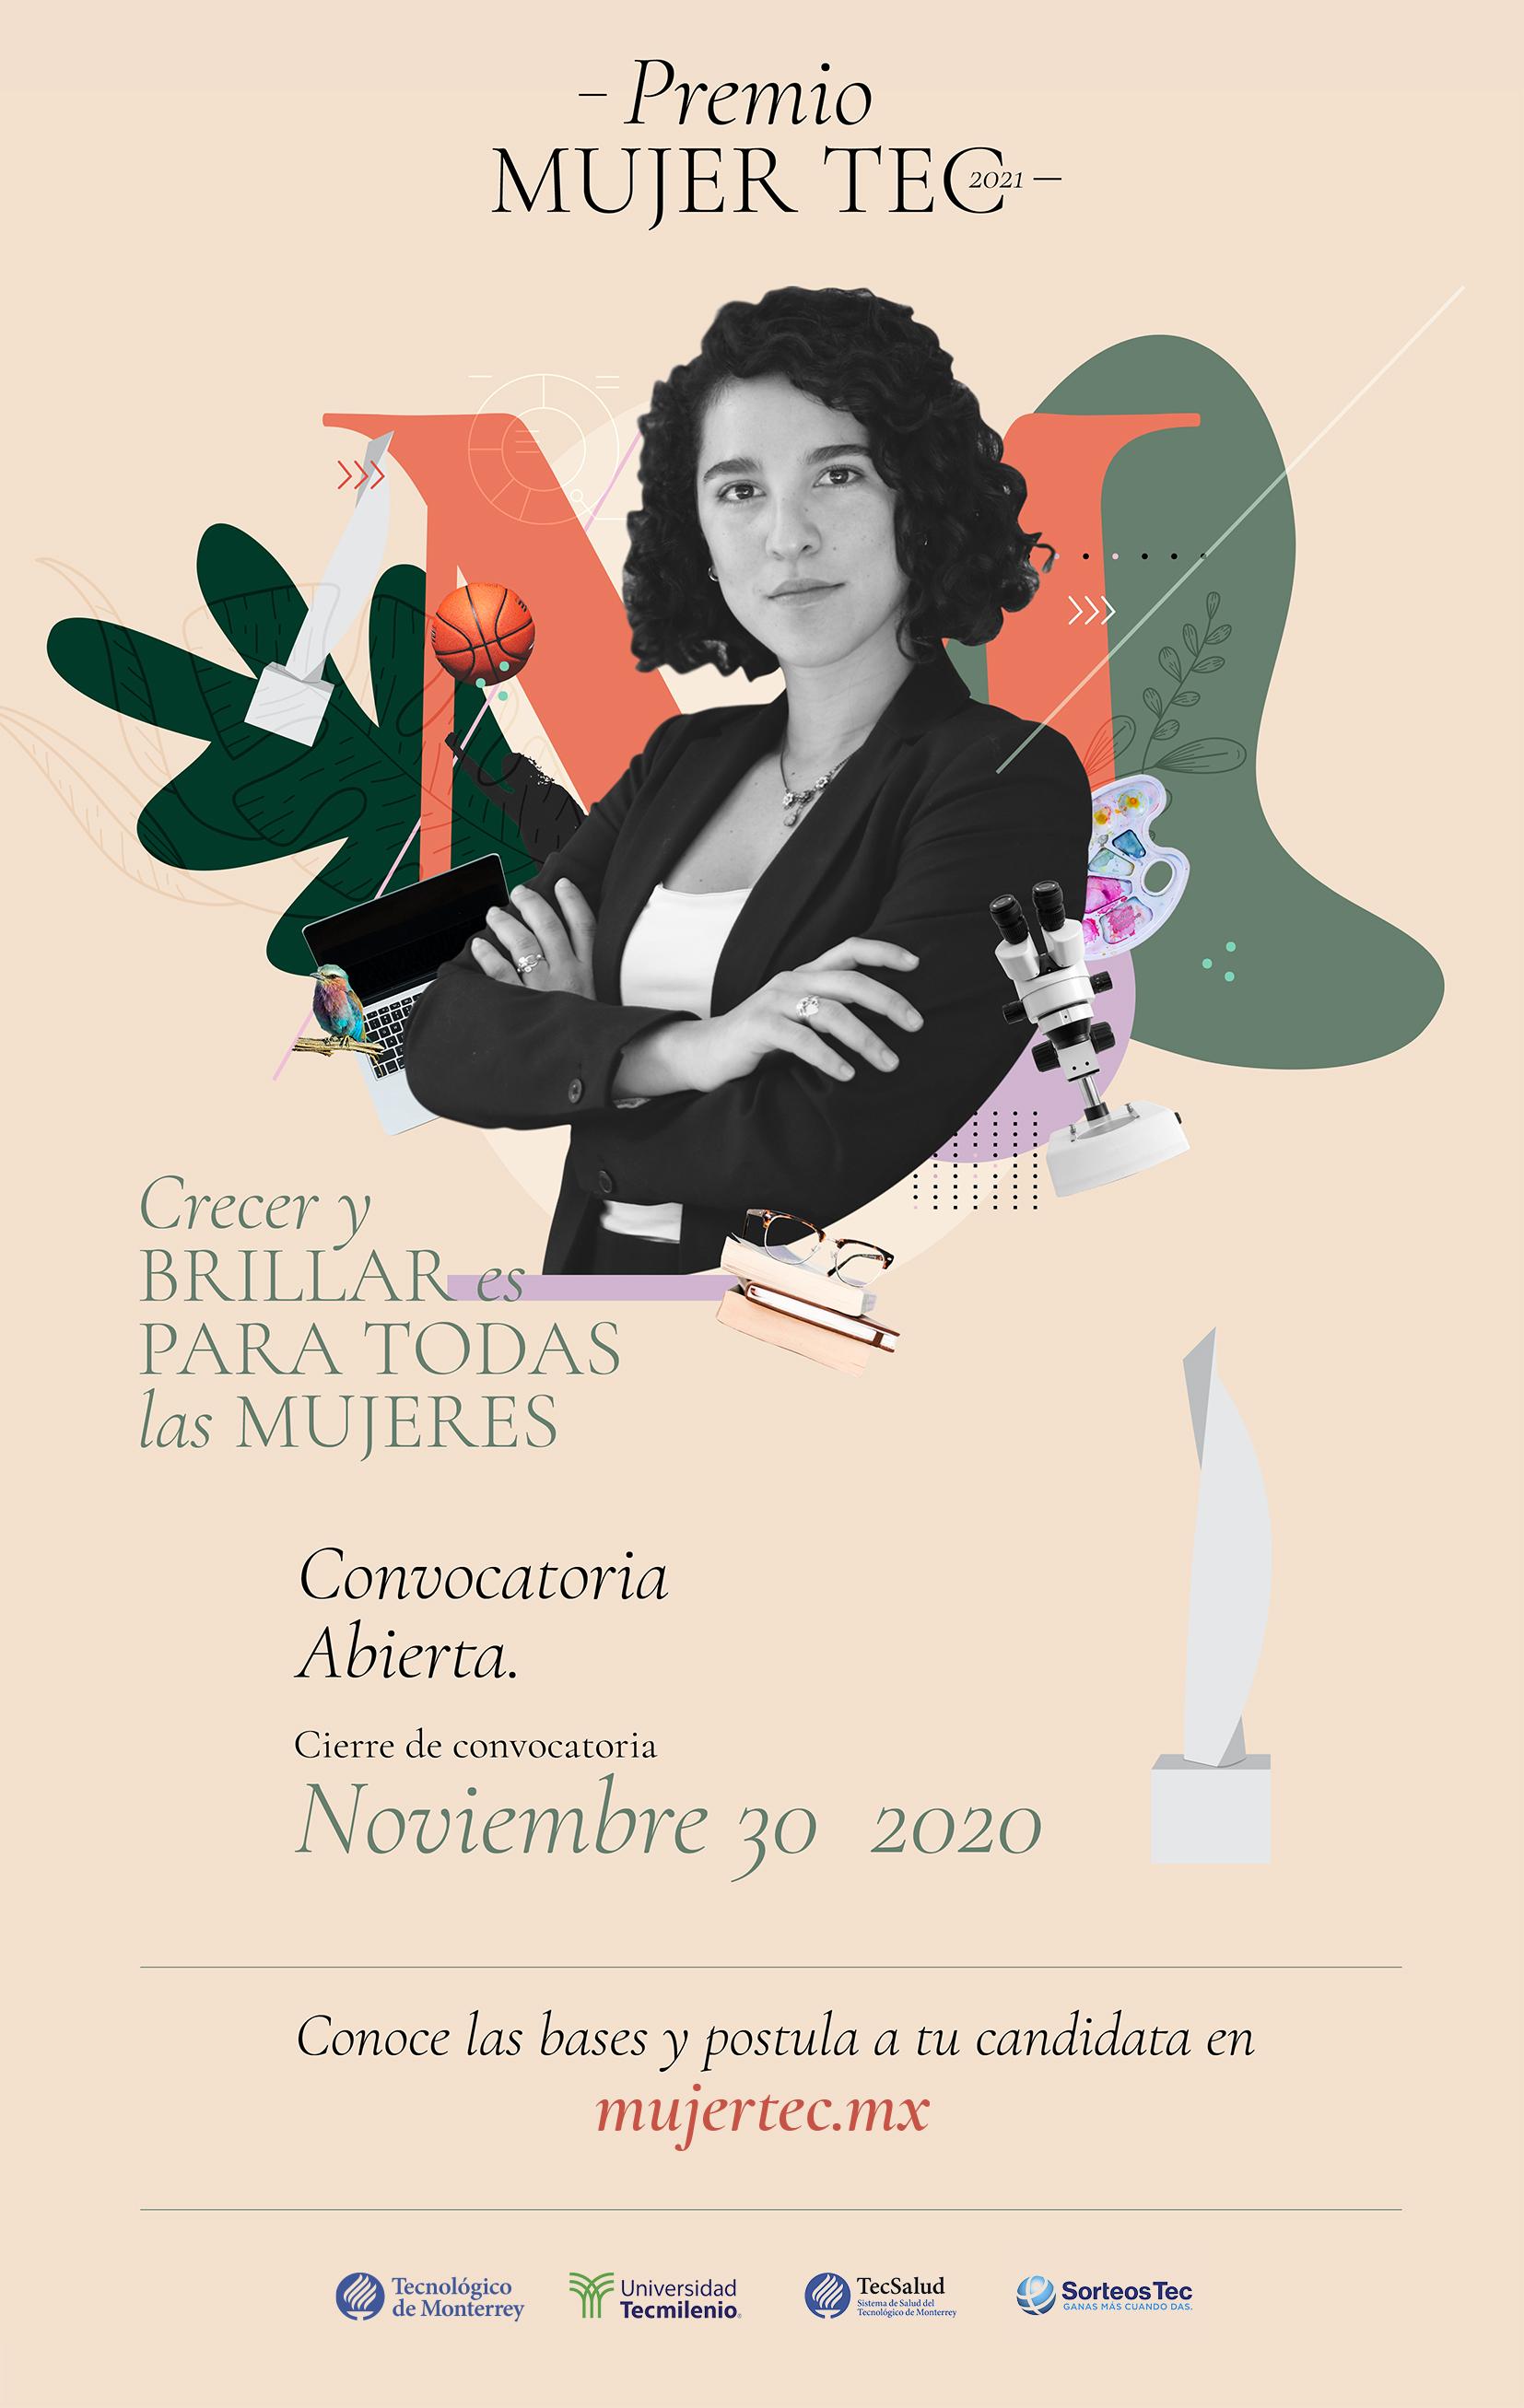 """Convocan al Premio Mujer Tec 2021: """"Crecer y brillar es para todas"""""""